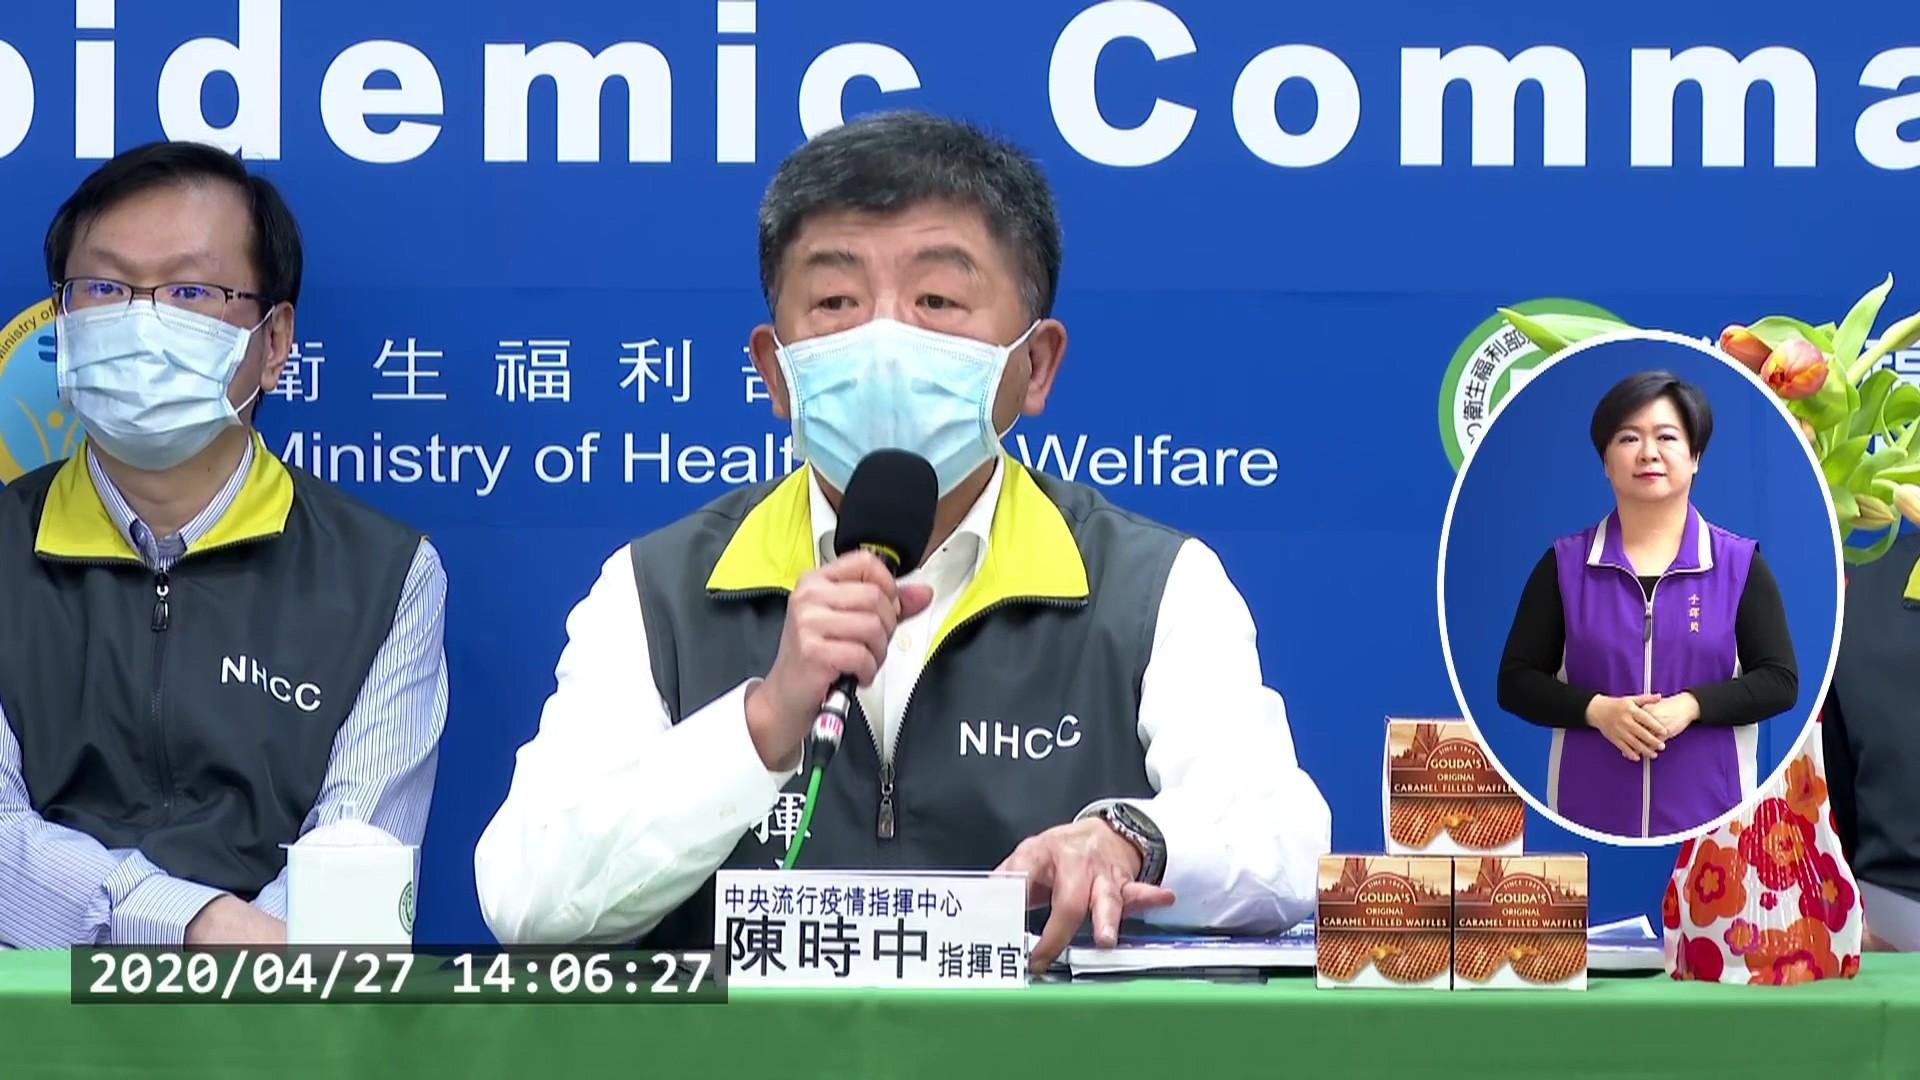 好厉害!台湾连续15日没有本土案例, 今日一样「零确诊」⚡累积290人解除隔离!